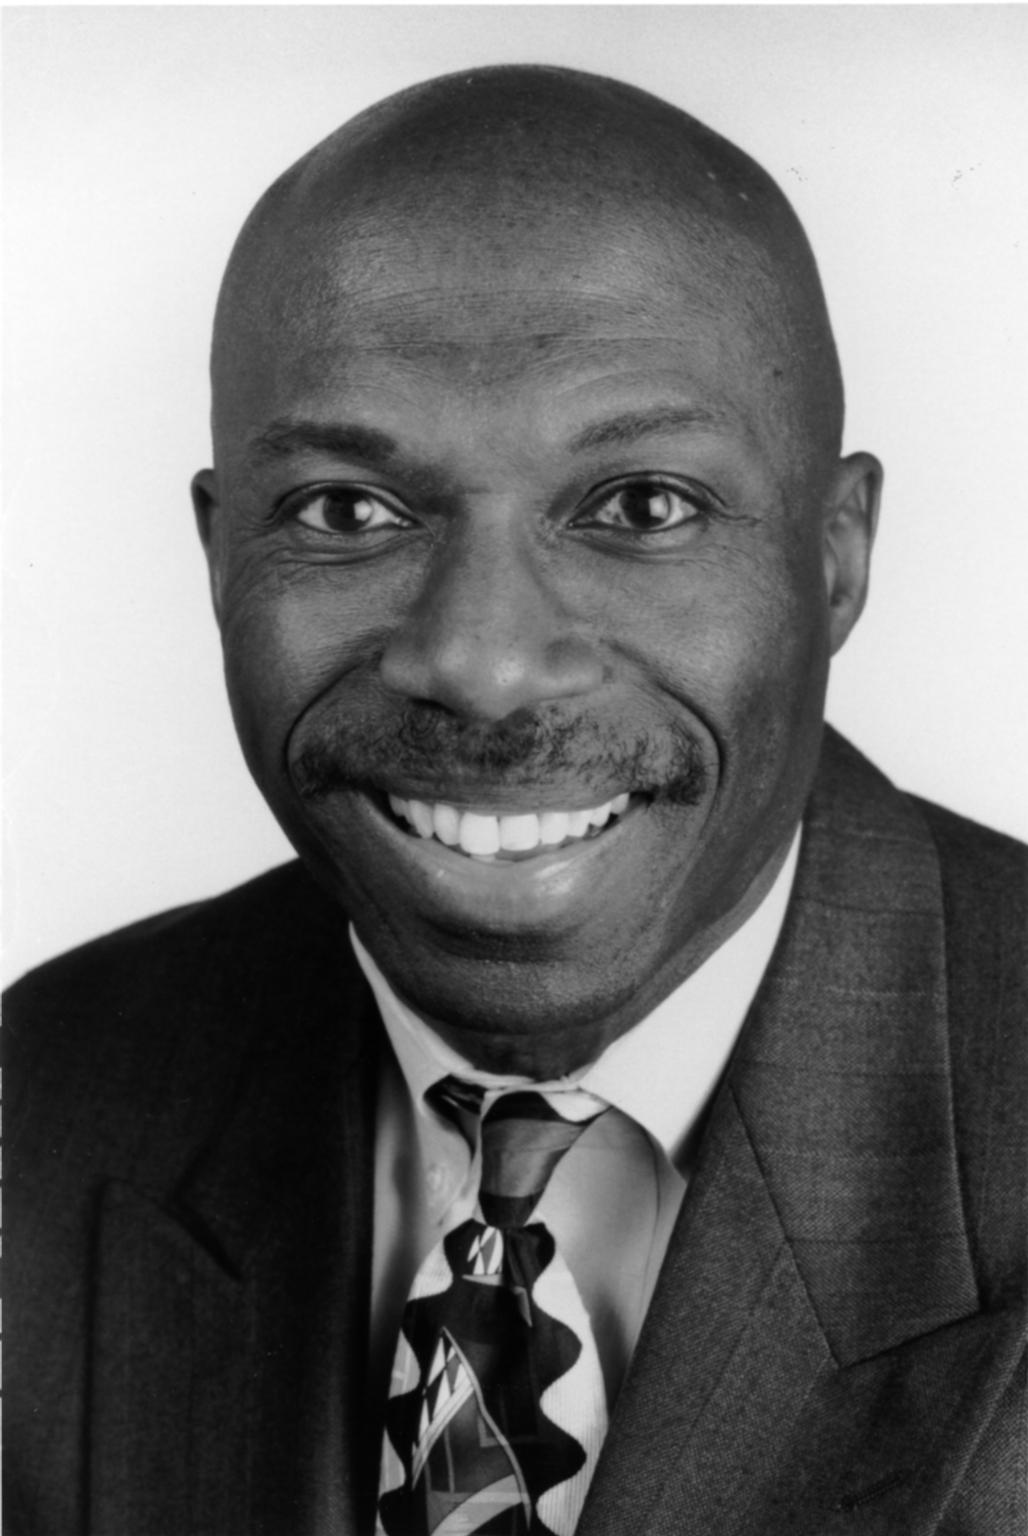 Herb Washington